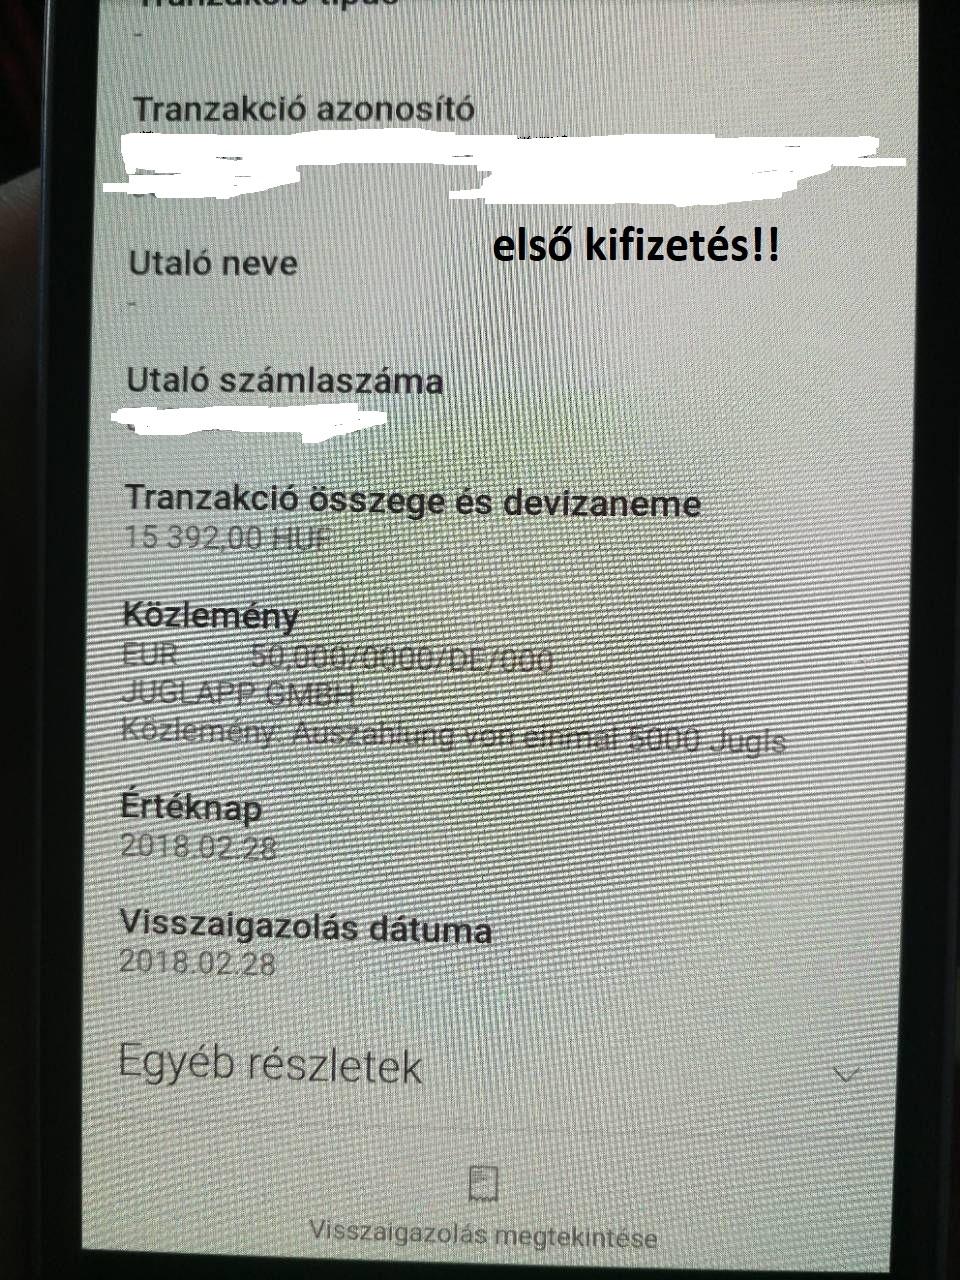 Magyar Szó Online   Gazdaság   Hirtelen nőtt a kereslet a svájci frank iránt